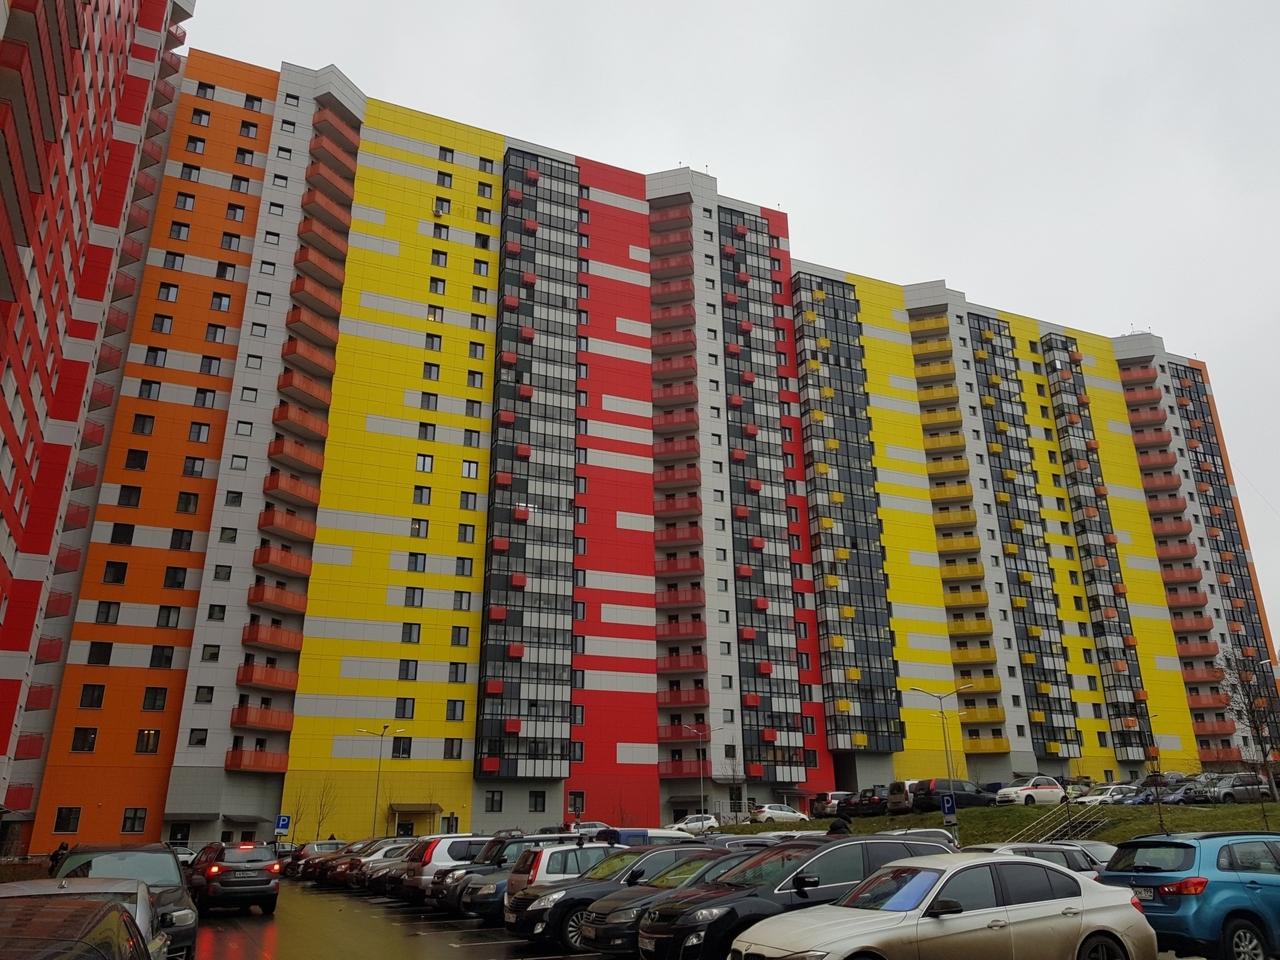 Новый домна Малой Филевской улице, построенный по программе реновации. Здесь Андрей получил квартиру